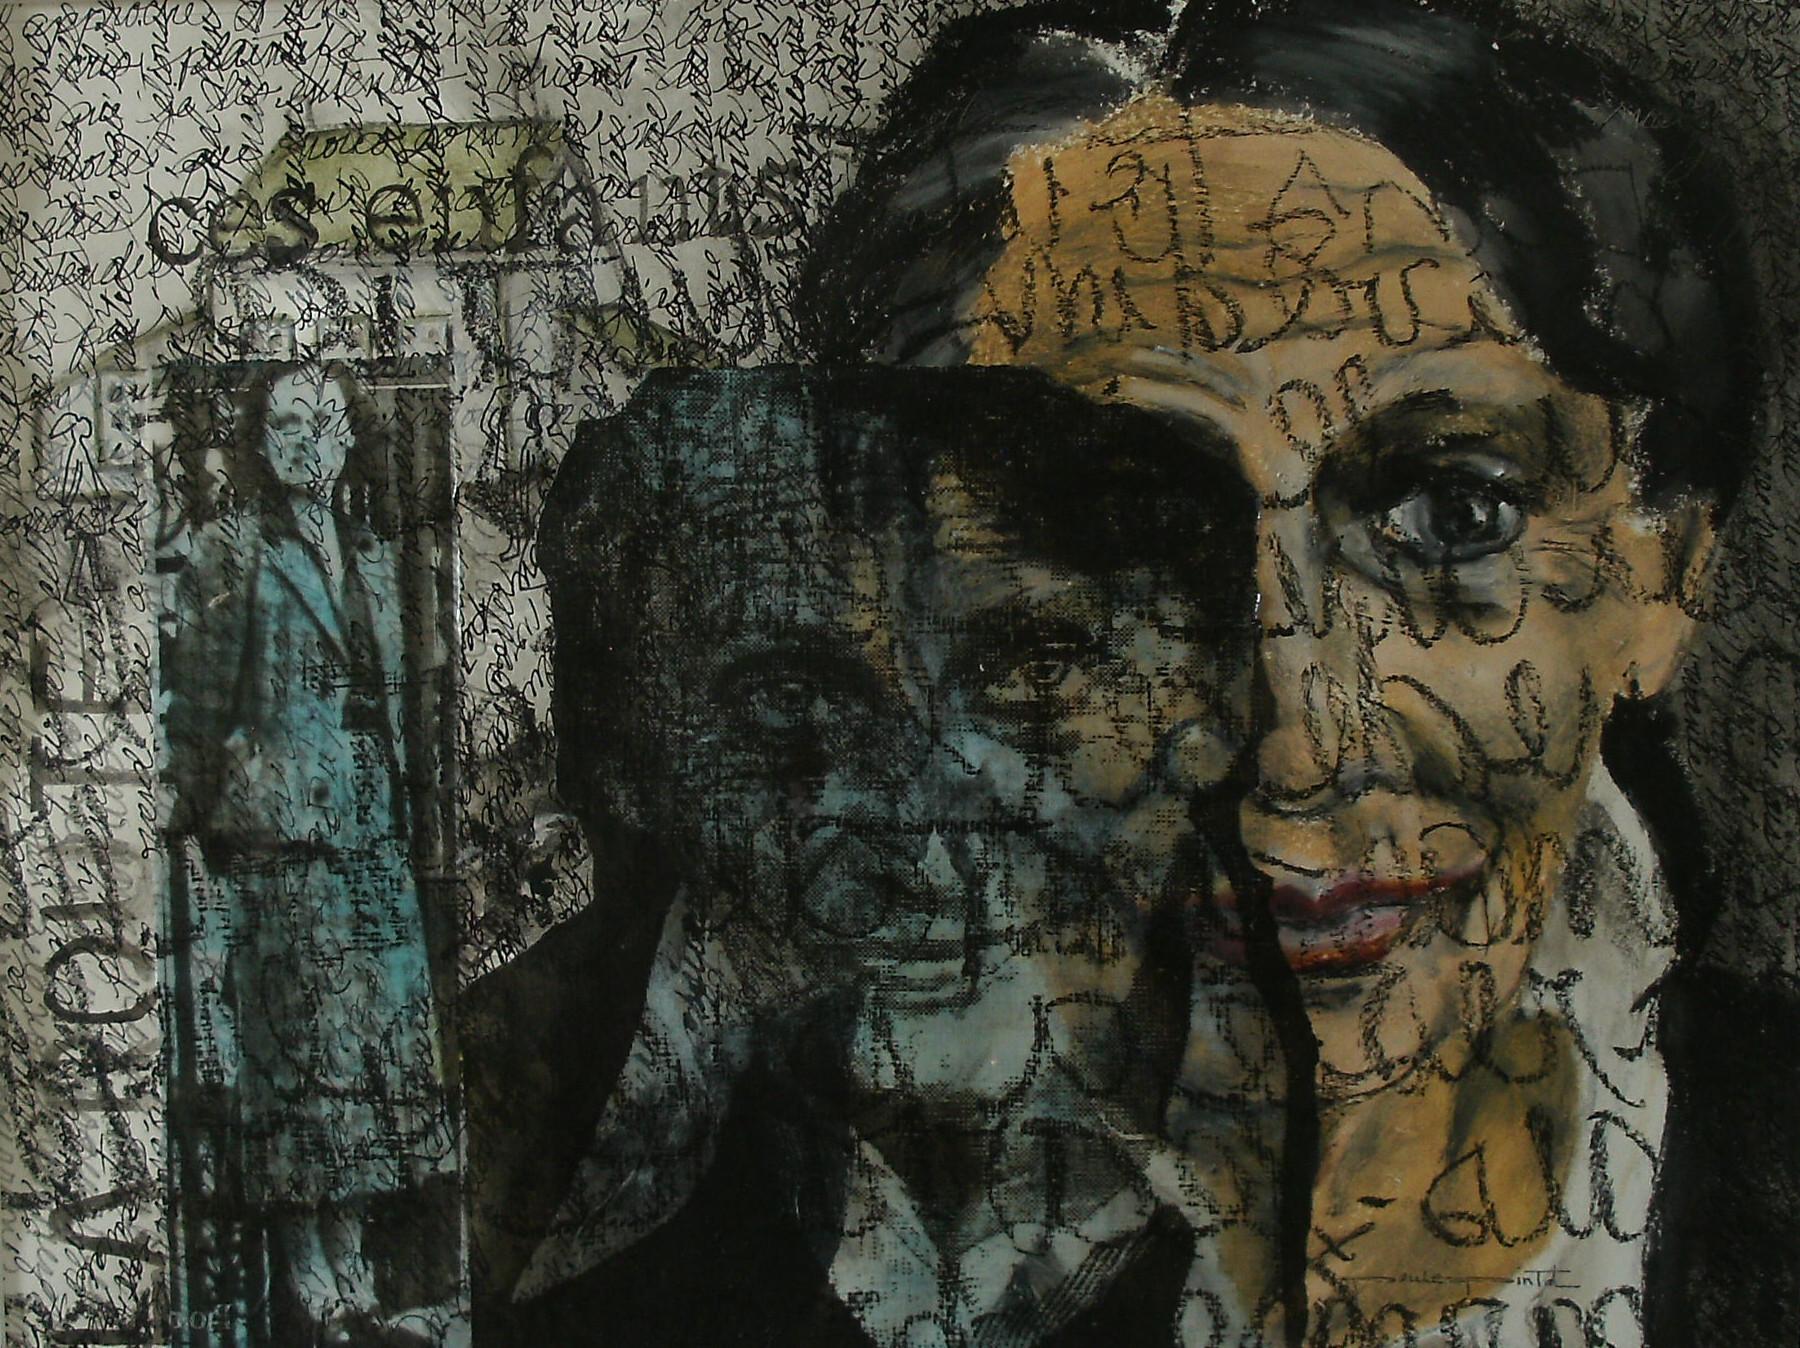 HOMMAGE À GABRIELLE ROY, technique mixte sur papier, collection privée